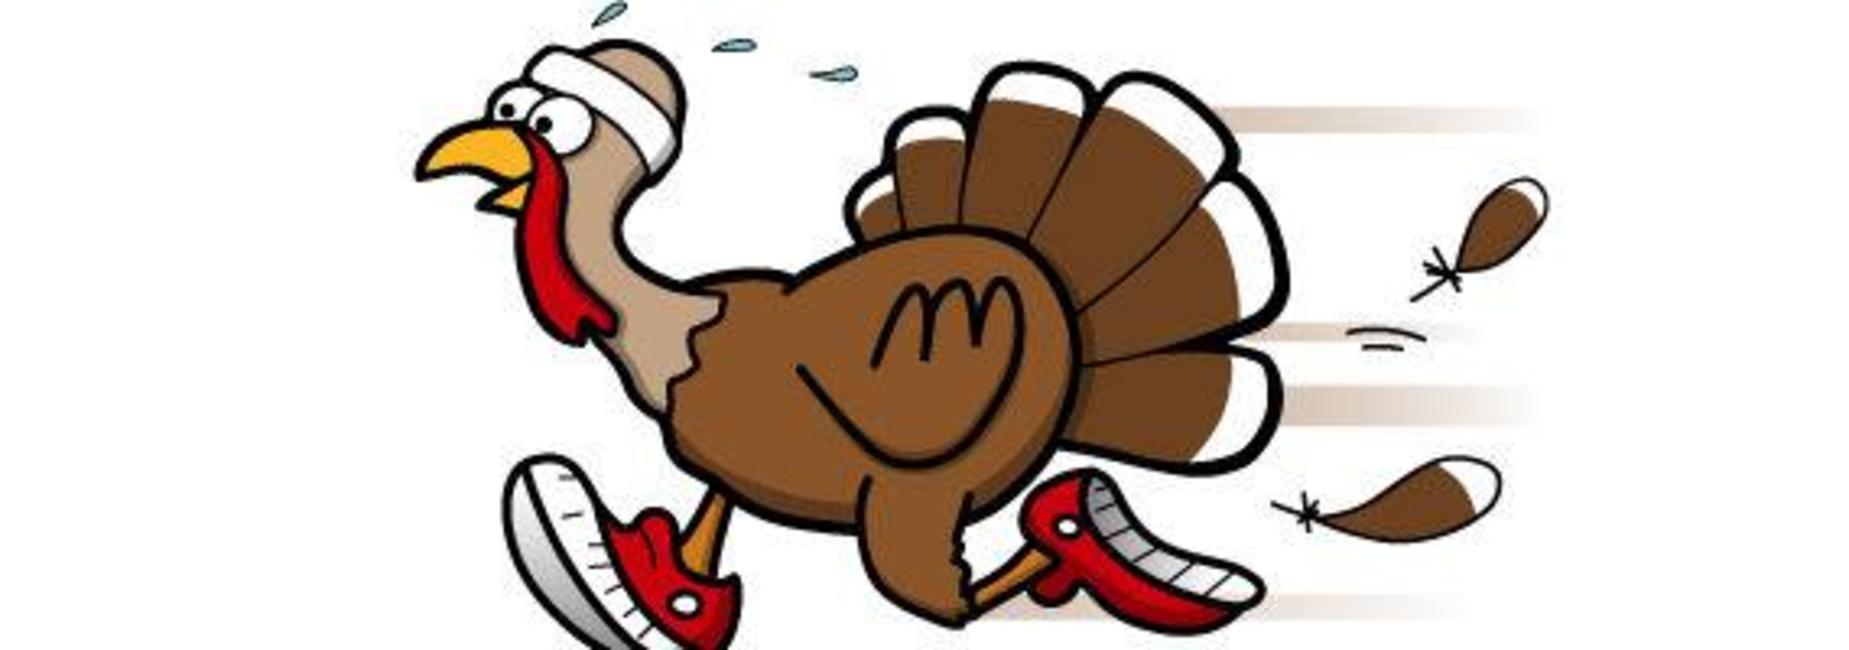 5th Annual Turkey Trot